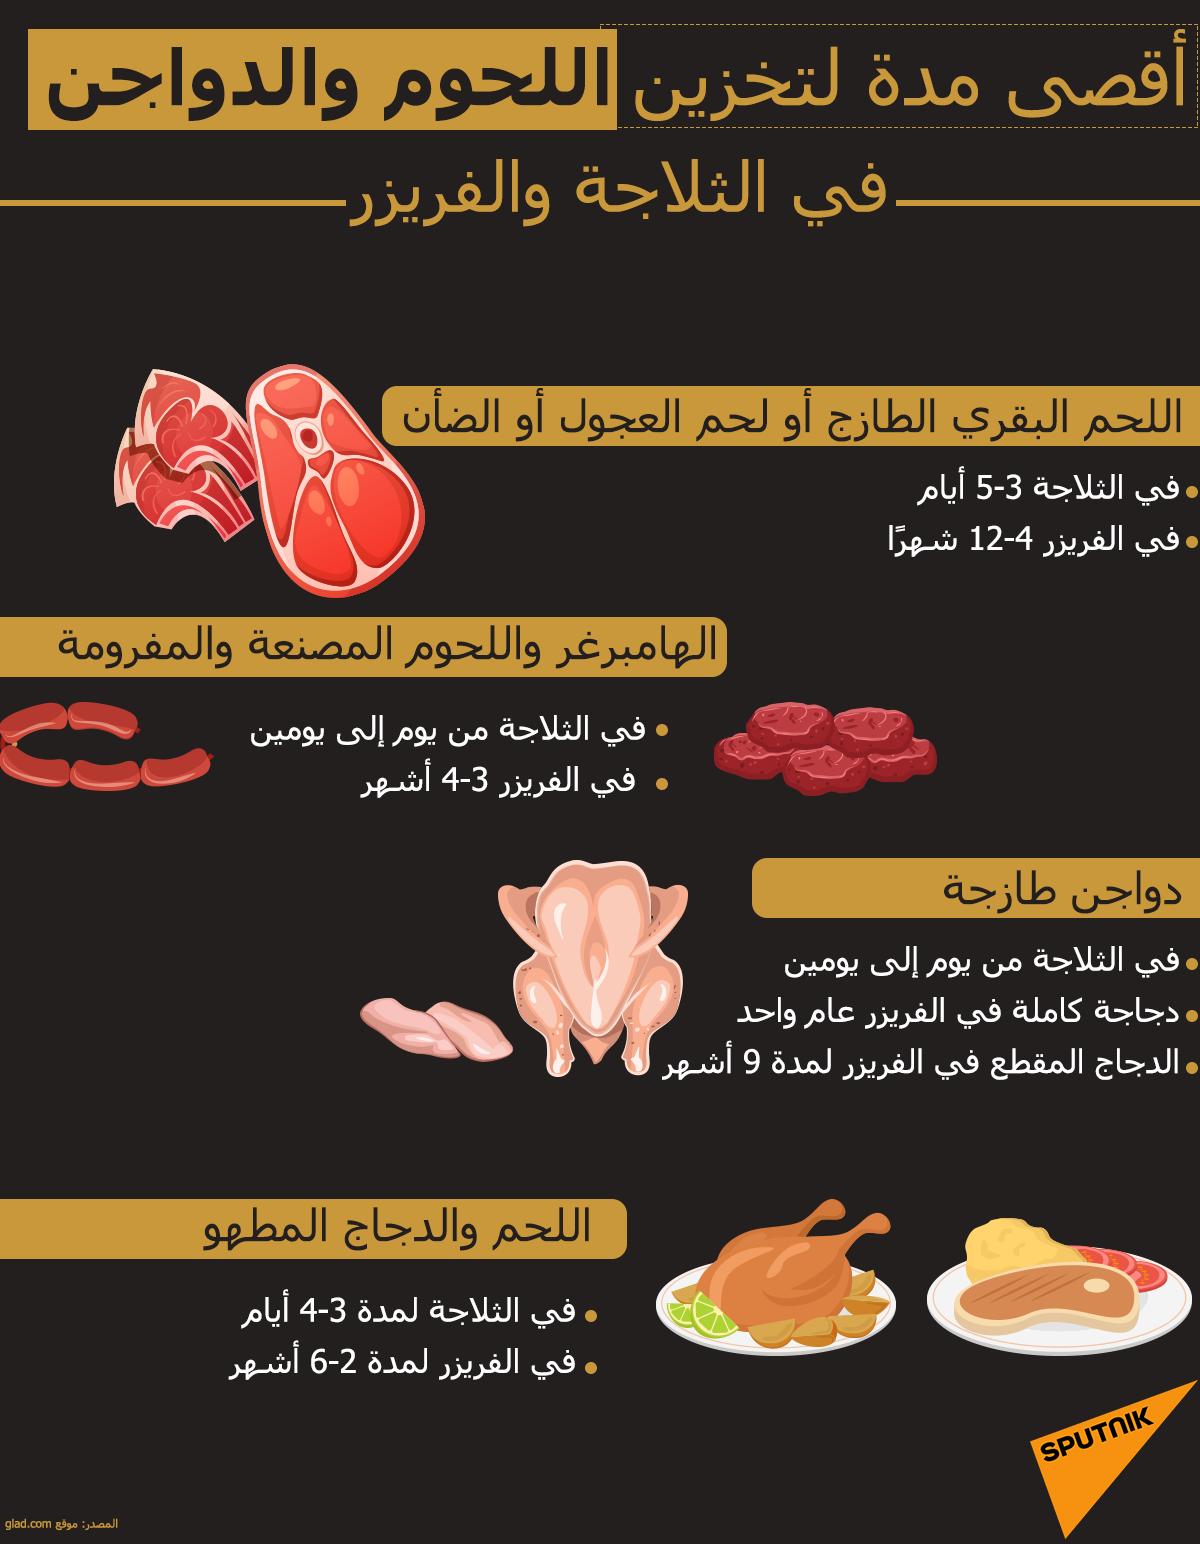 أقصى مدة لتخزين اللحوم والدواجن في الثلاجة والفريزر